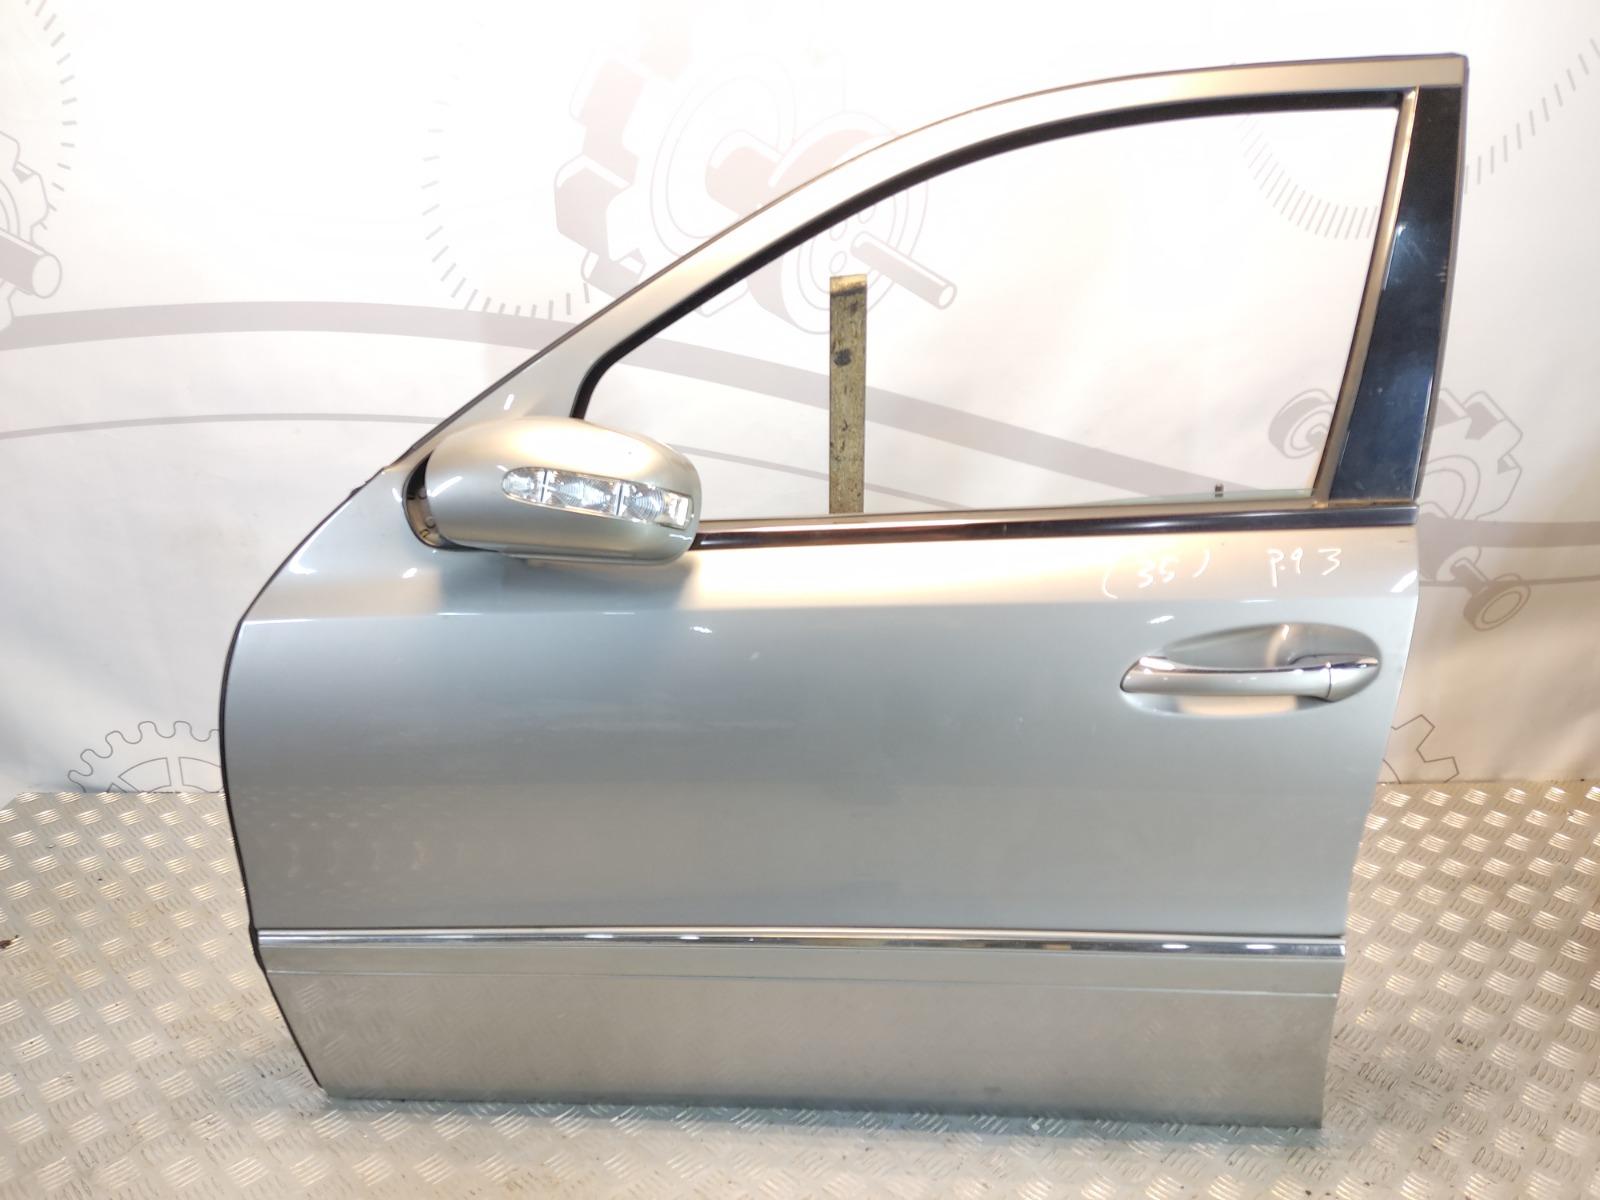 Дверь передняя левая Mercedes E W211 1.8 I 2003 (б/у)